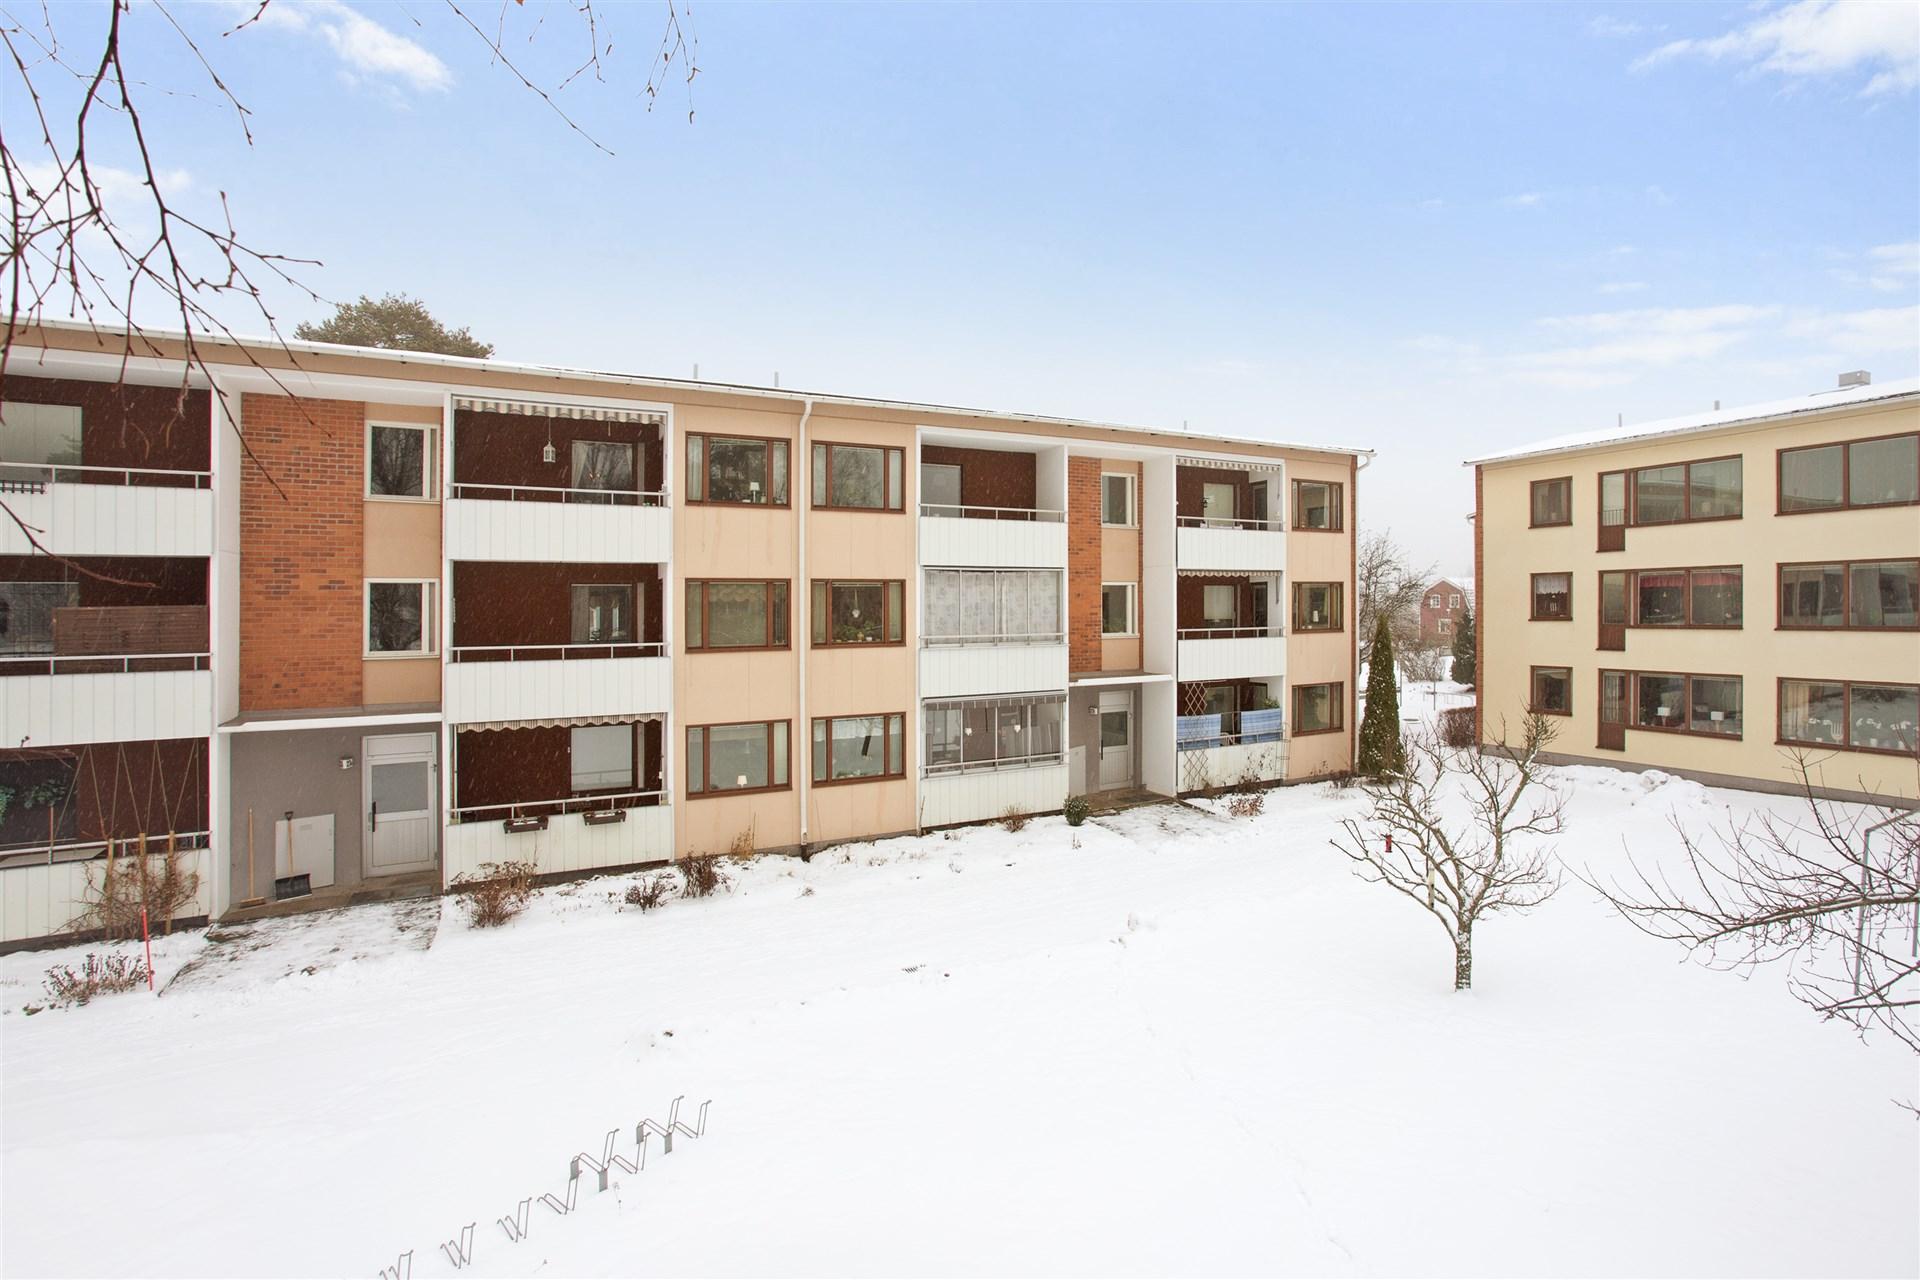 Bostadsrätt i bra skick med balkong i västerläge på 3:e våningen.